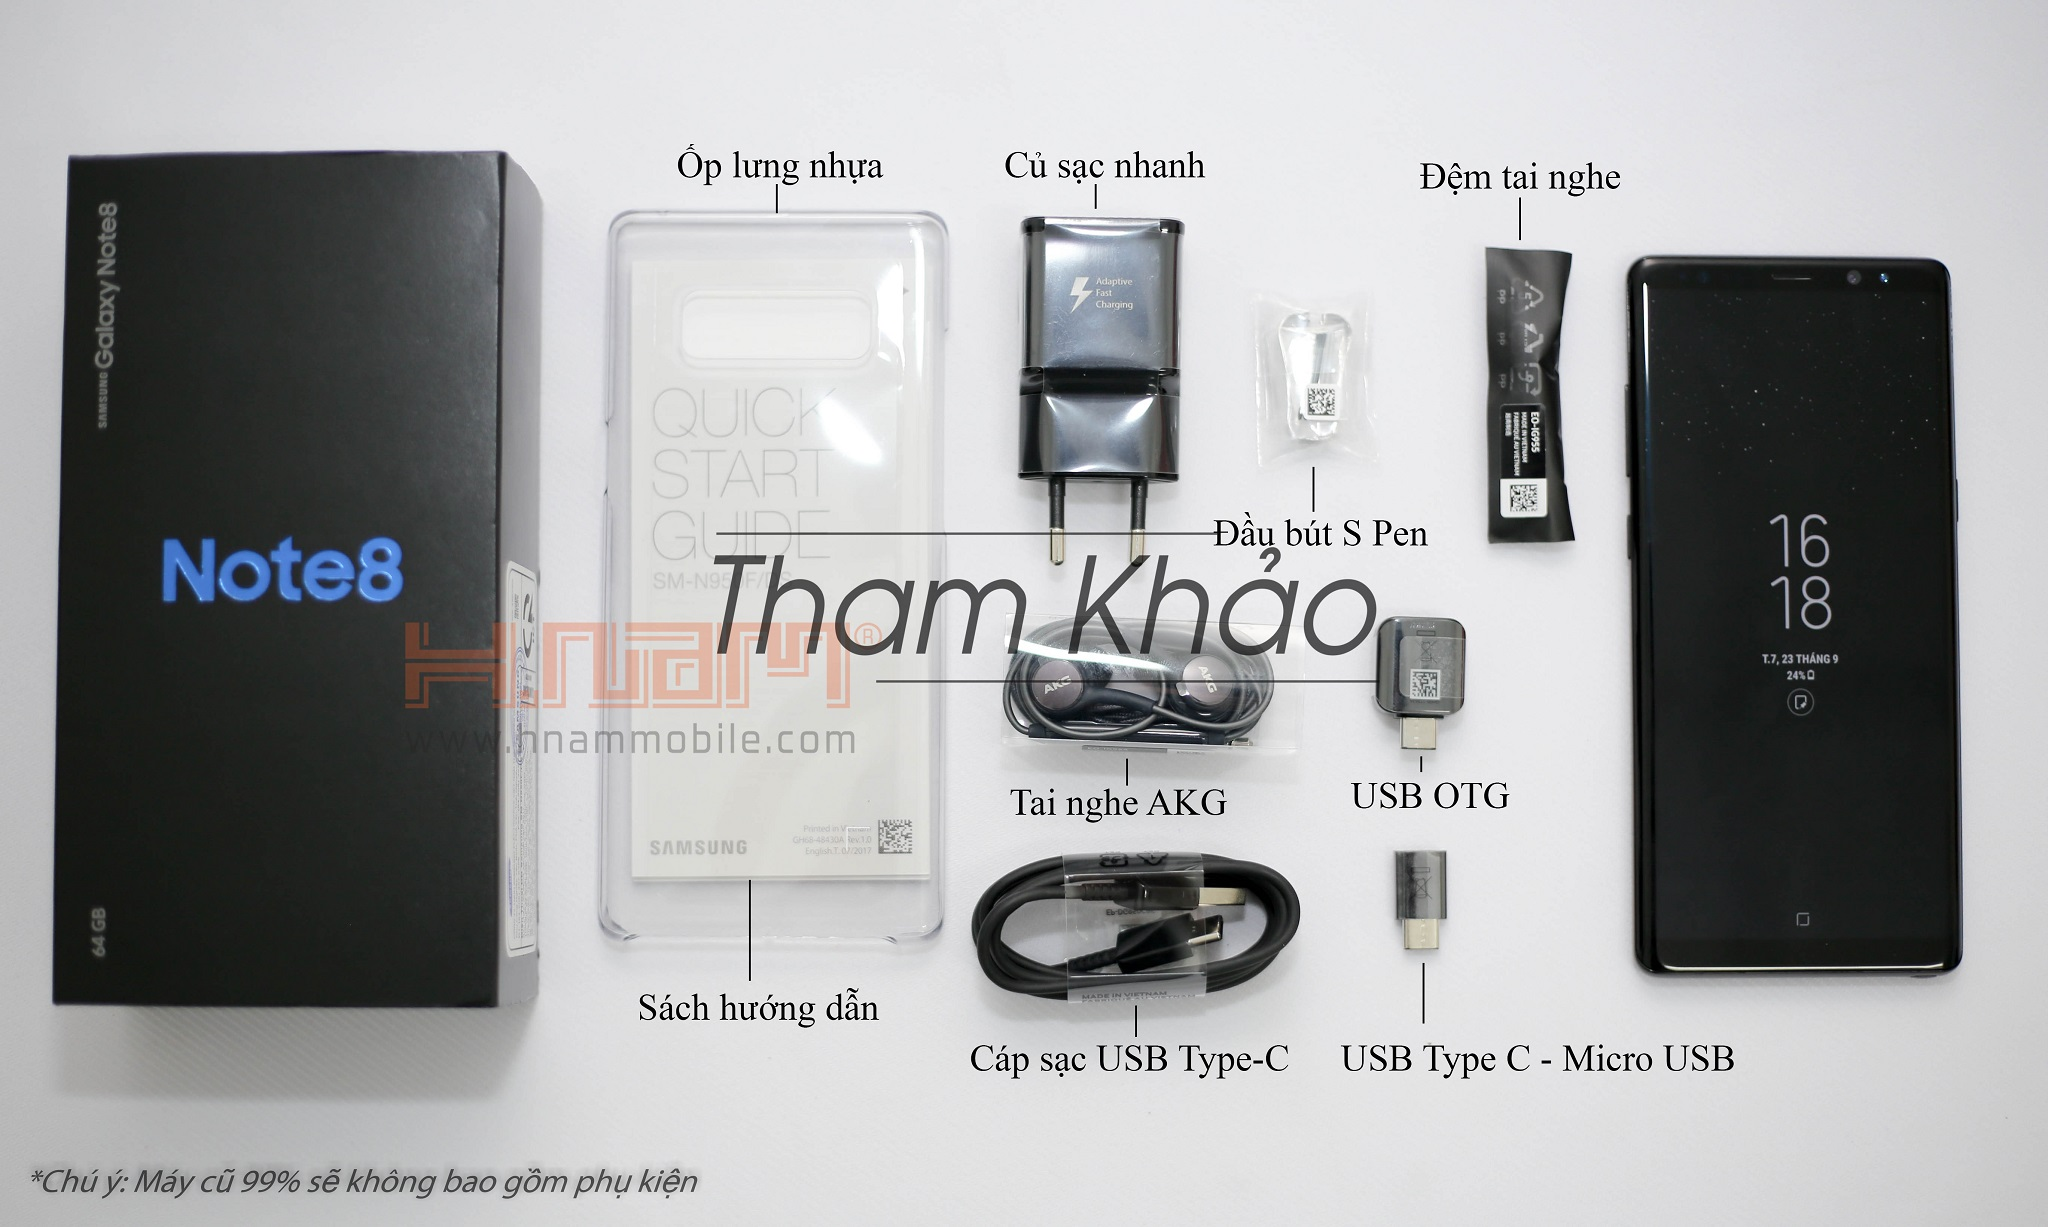 Samsung galaxy Note 8 64G Hàn Quốc Like New ( 654 Lê Hồng Phong ) hình sản phẩm 0